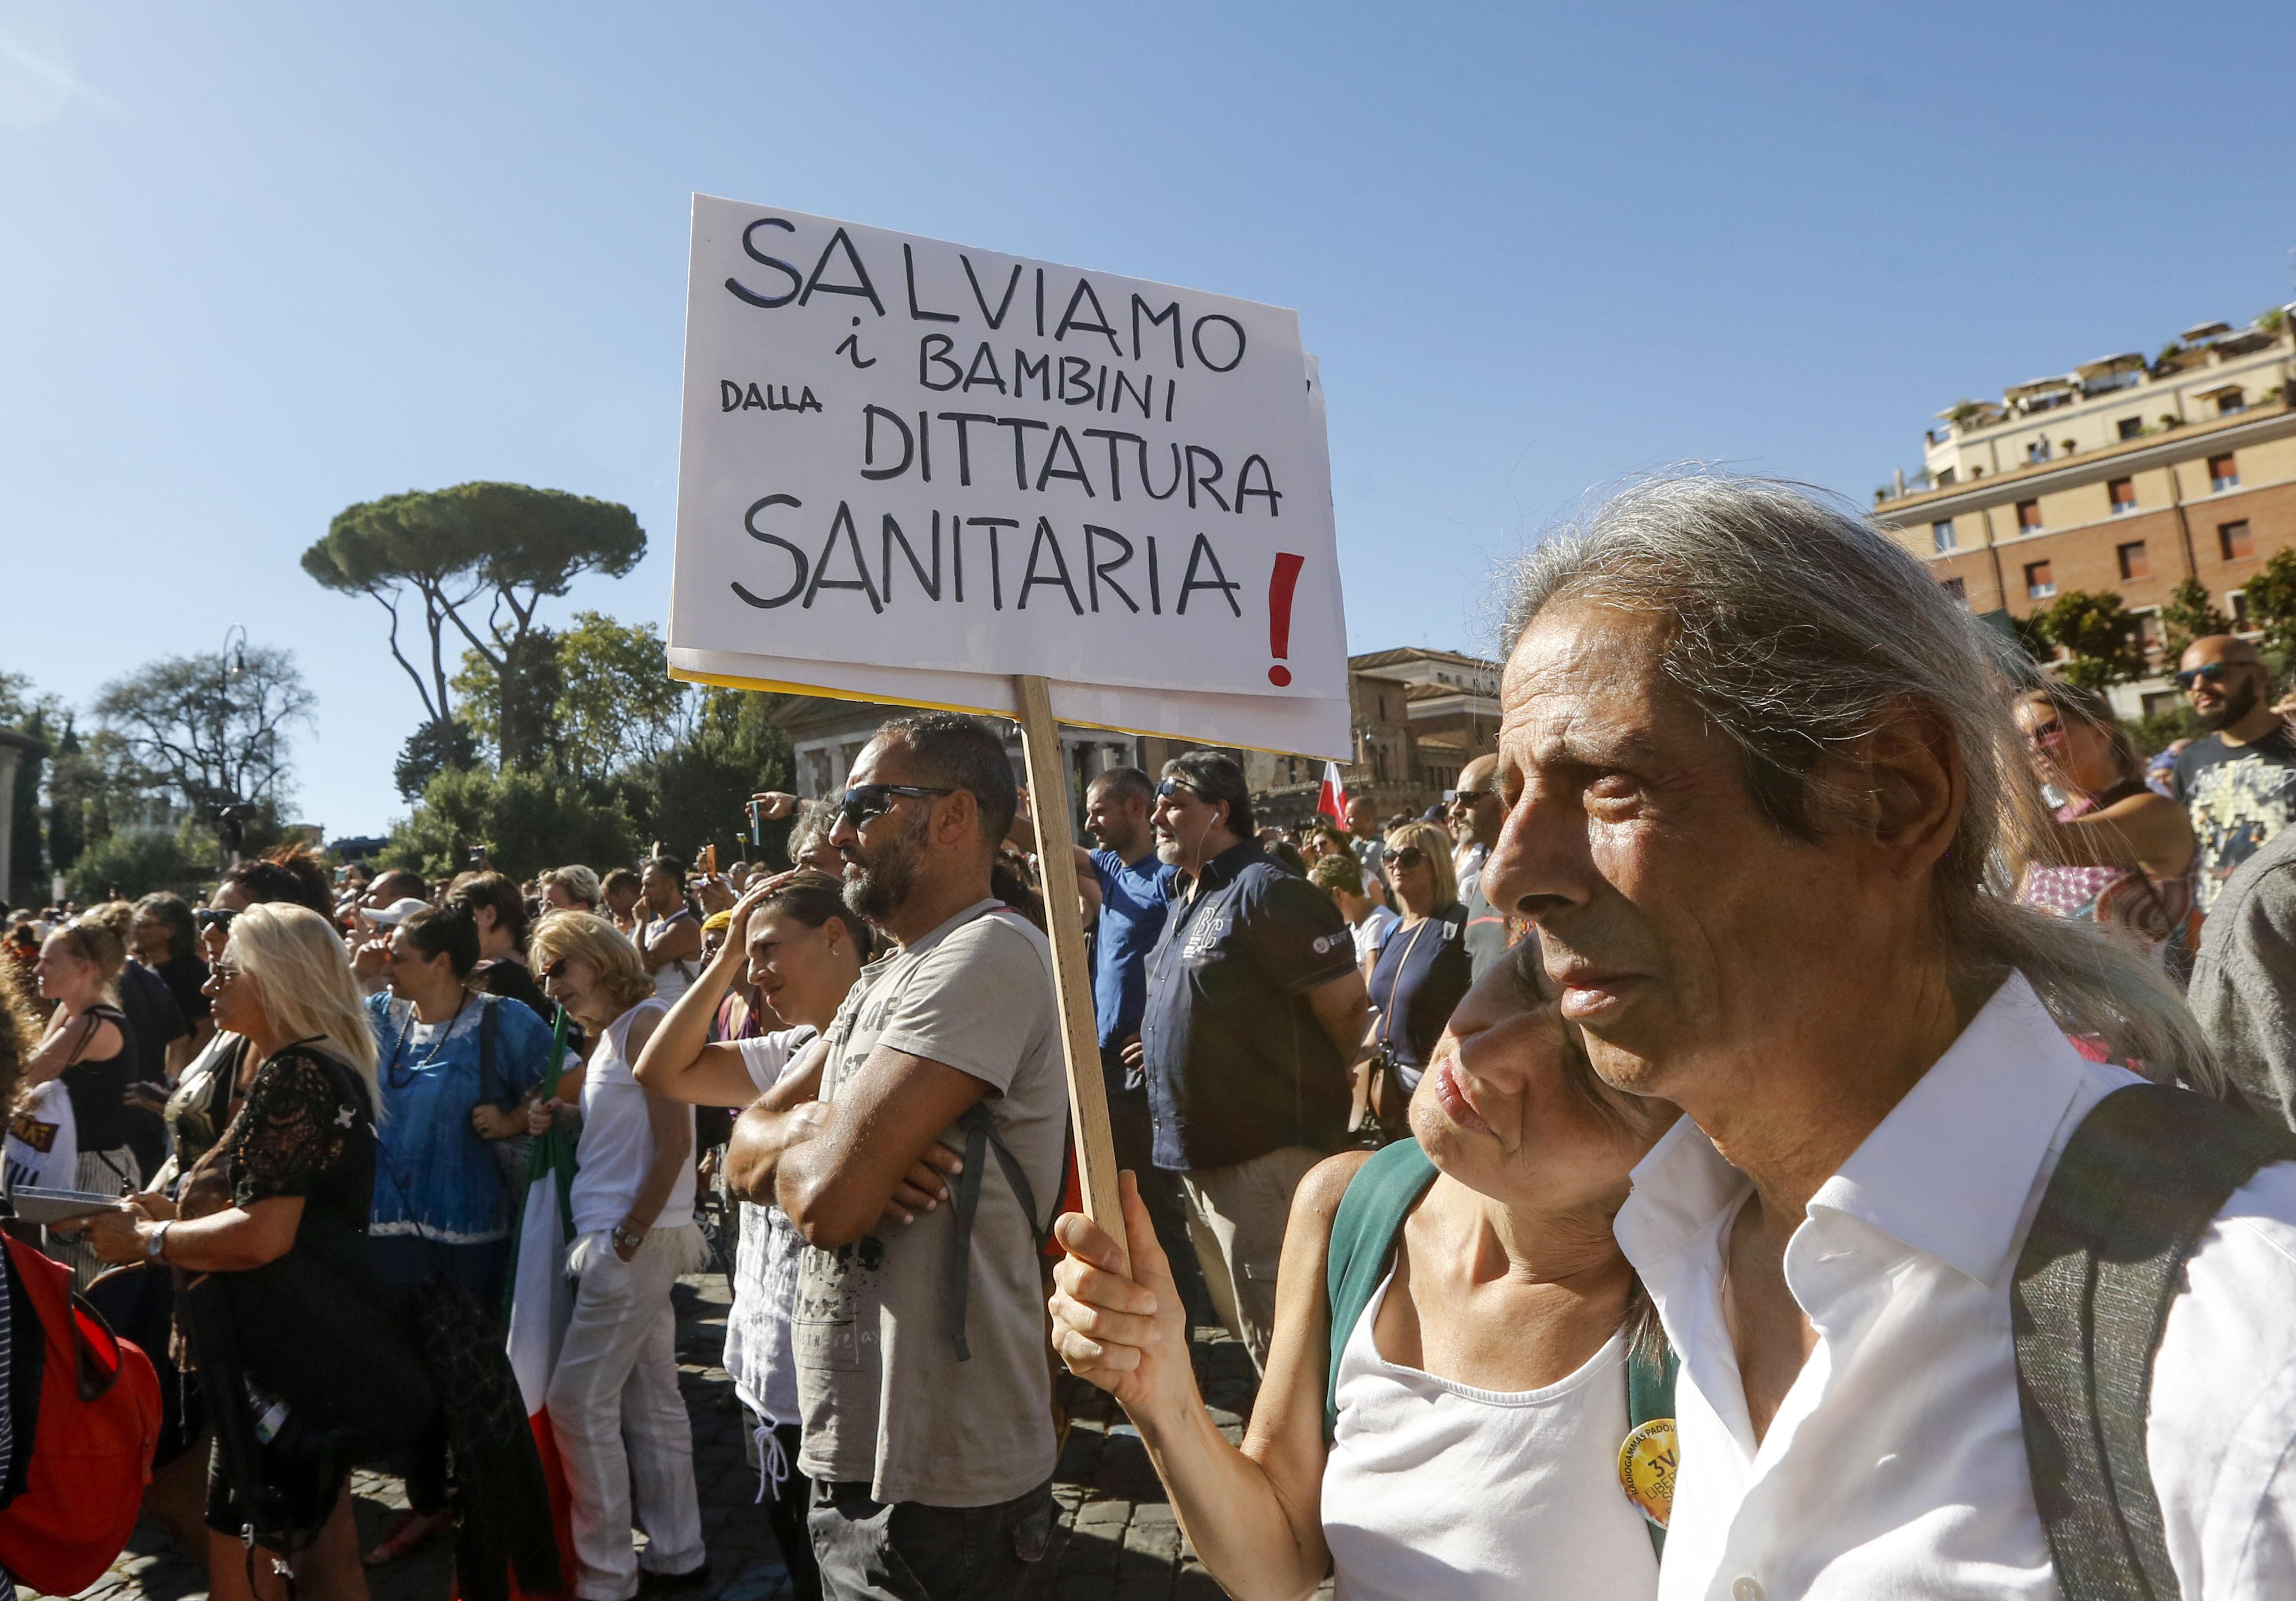 Több ezer koronavírus-tagadó tüntetett Rómában